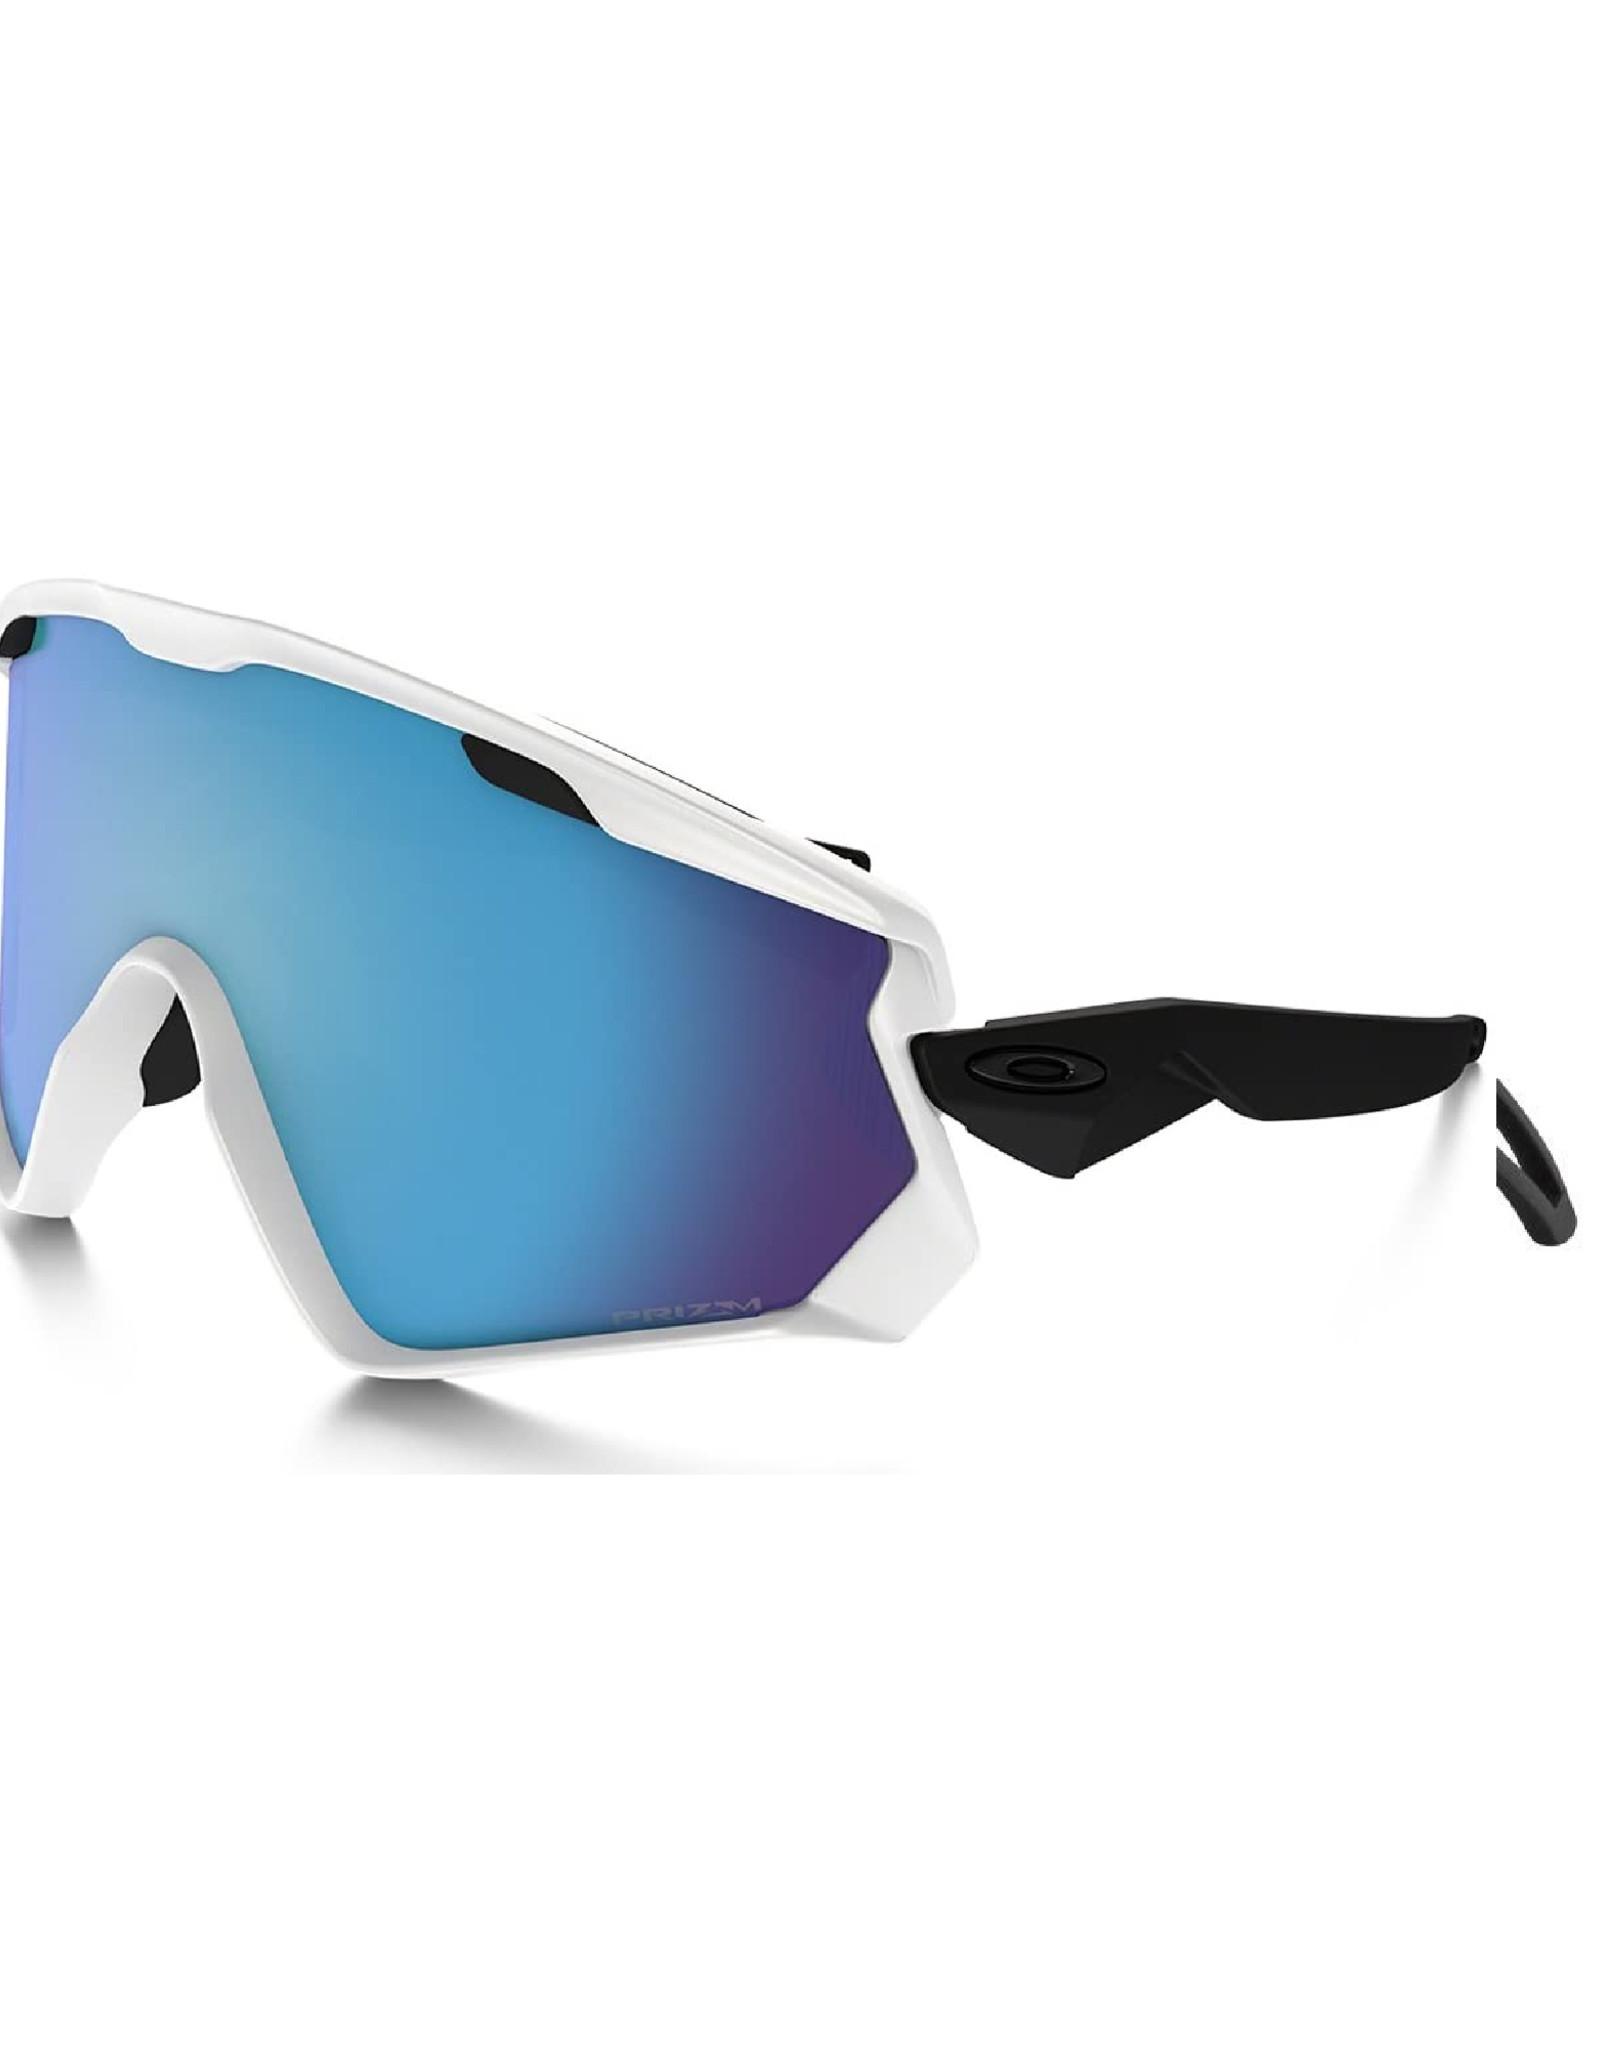 Oakley Lunette Oakley Wind Jacket 2.0 Matte White W/Prizm Snow Sapphire